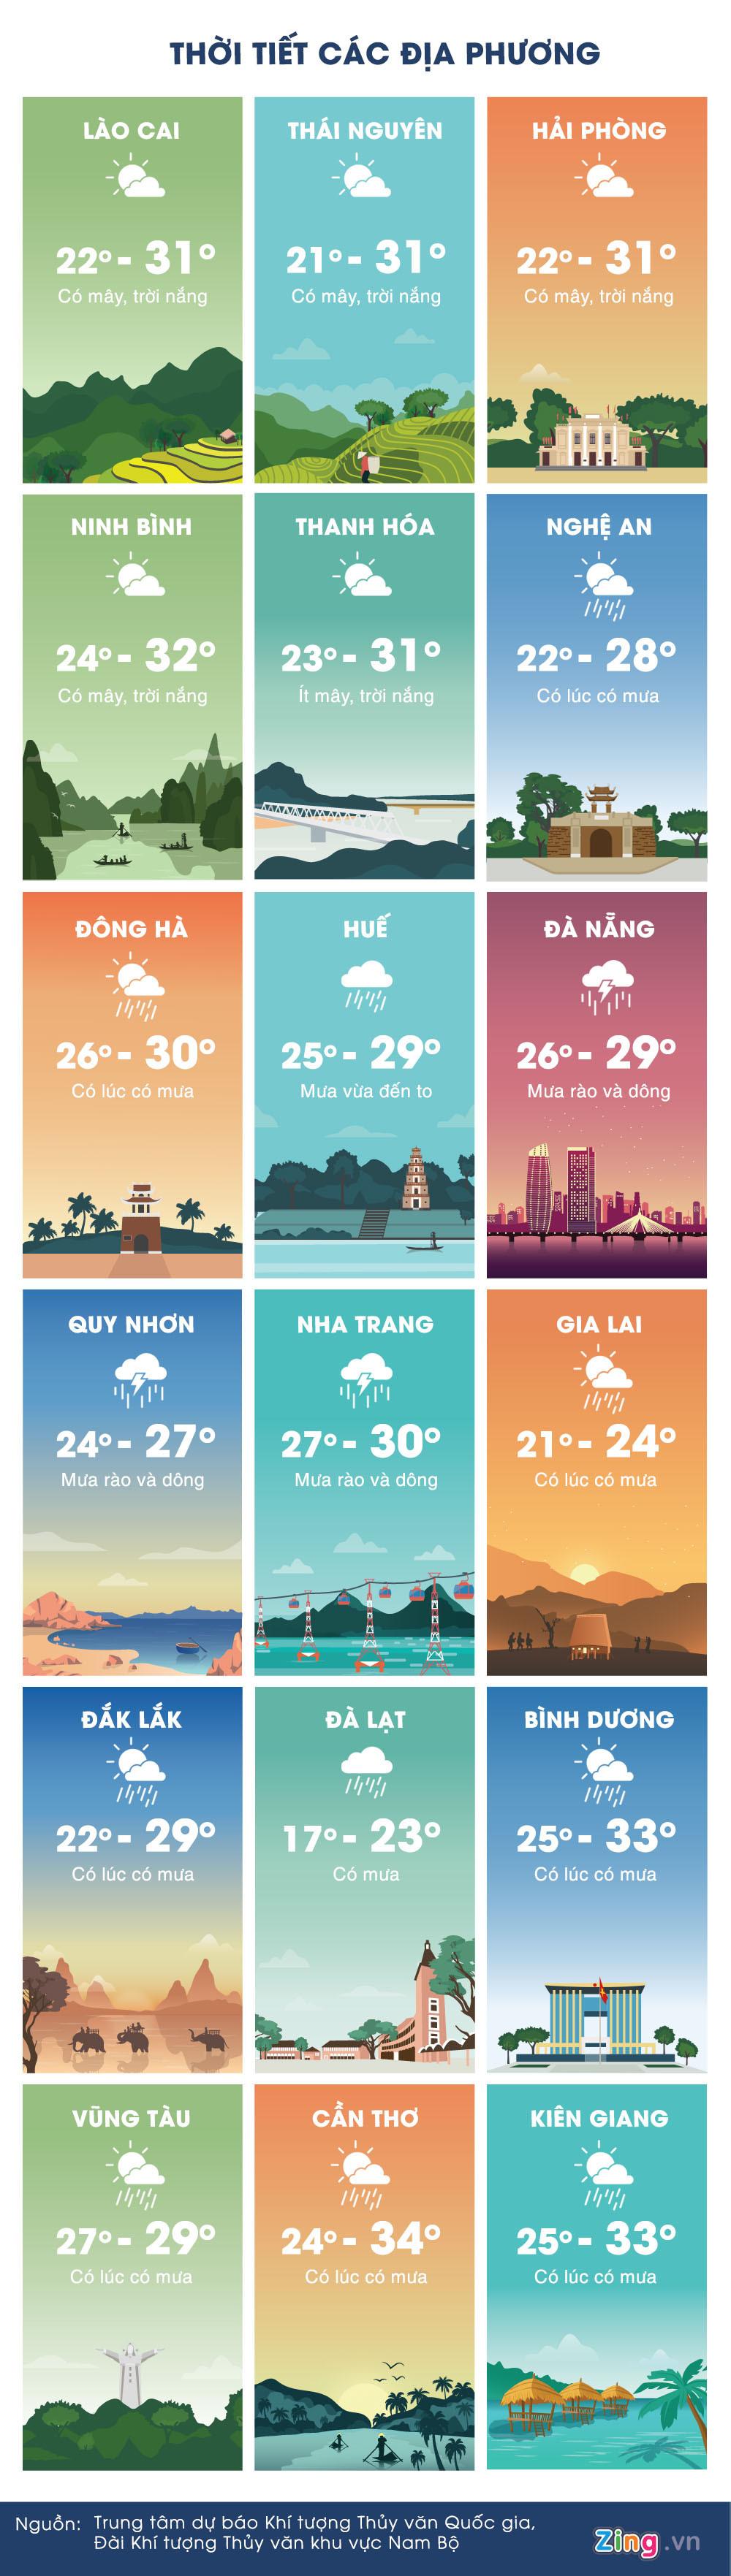 Thời tiết ngày 4/10: Mưa lớn tiếp diễn ở Trung Bộ, nguy cơ lũ quét Ảnh 3